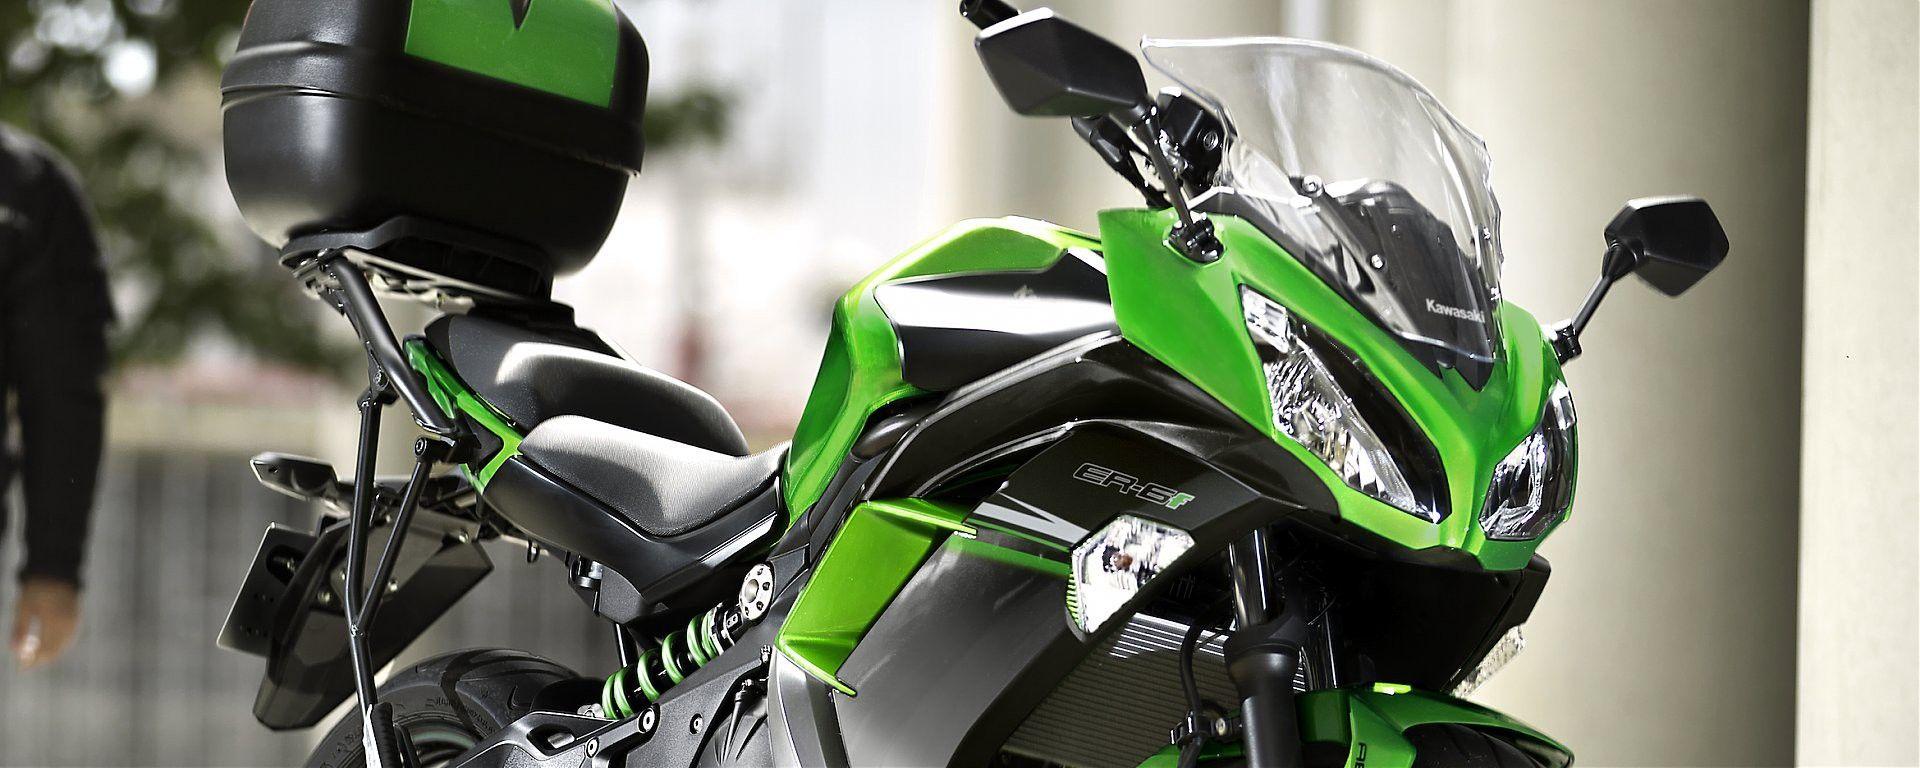 Kawasaki: nuovi colori per ER-6n/f, Versys 650 e Vulcan S